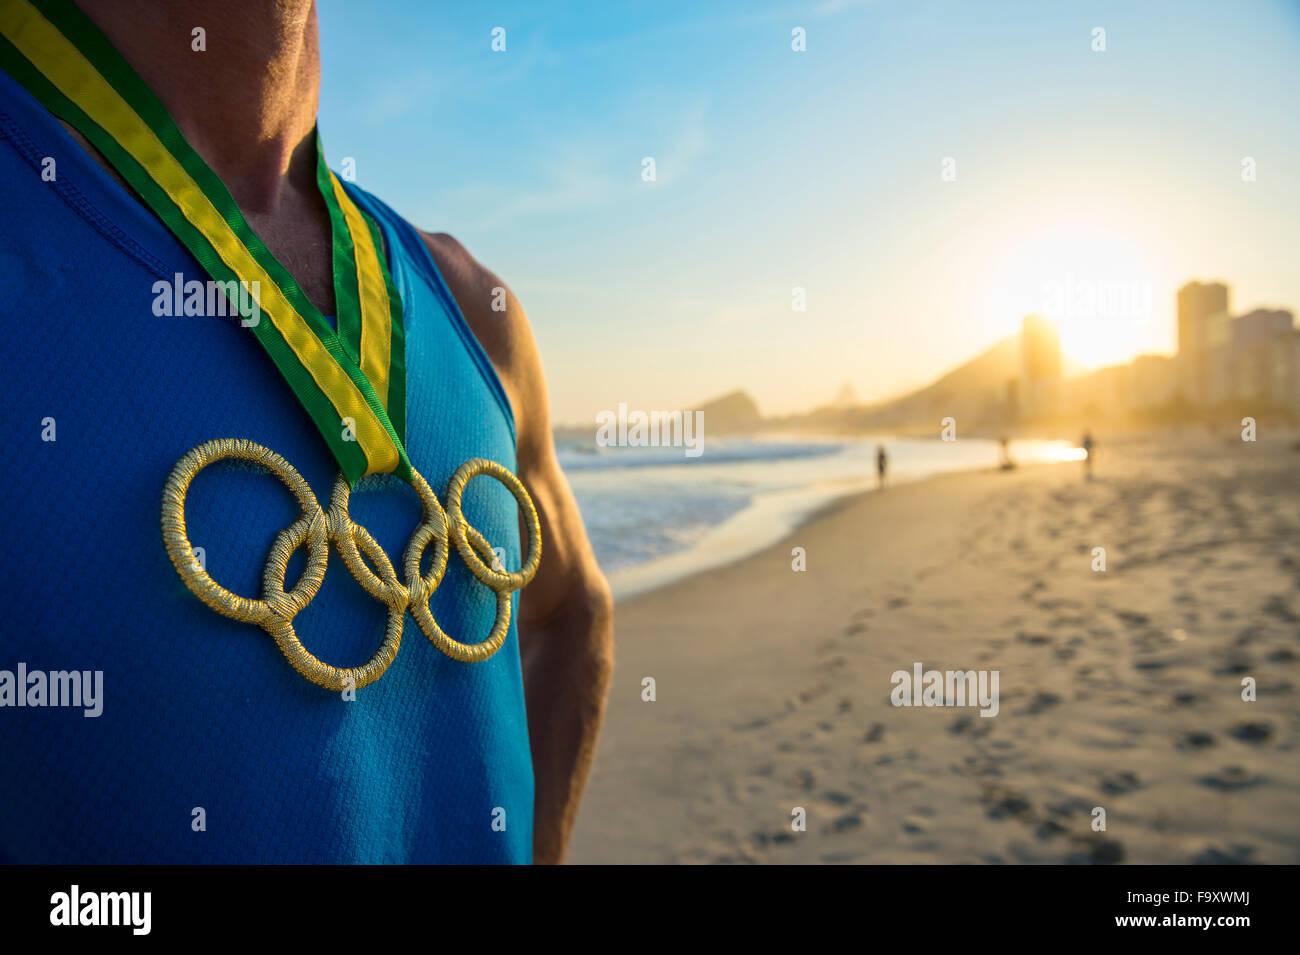 RIO DE JANEIRO, Brasile - 30 ottobre 2015: atleta che indossa anelli olimpici medaglia d oro si trova di fronte Immagini Stock